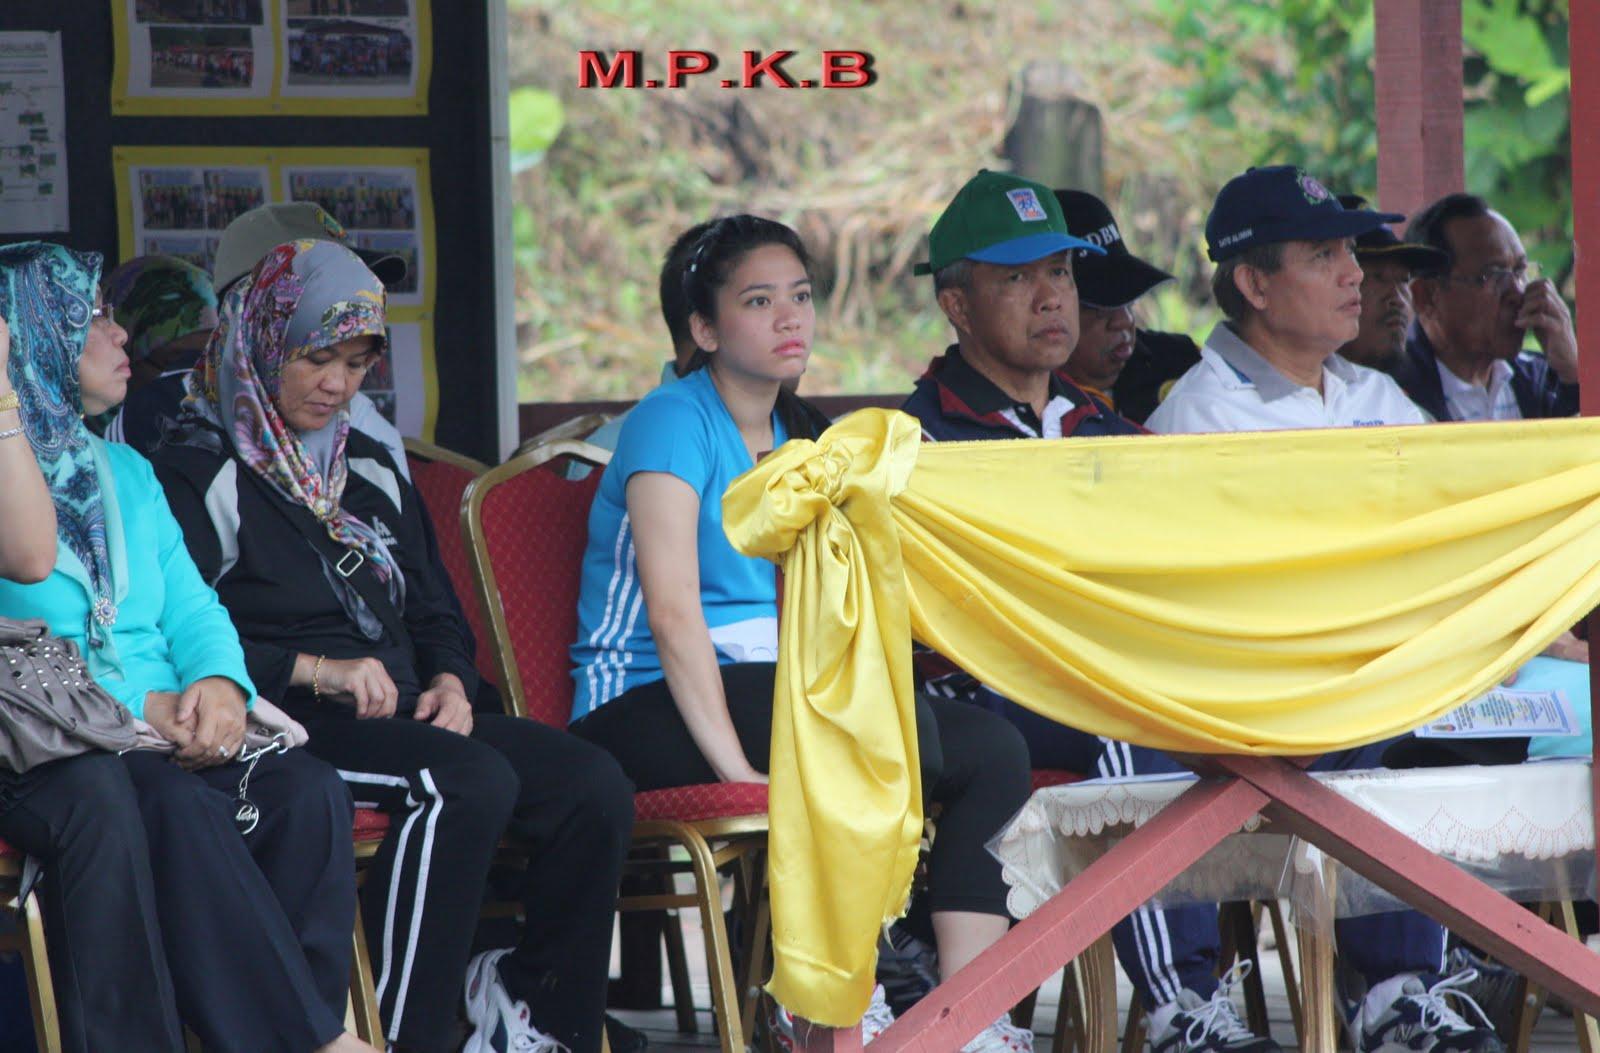 AKTIVITI MAJLIS PERUNDINGAN KAMPONG BELIMBING BAGI TAHUN 2008 hingga